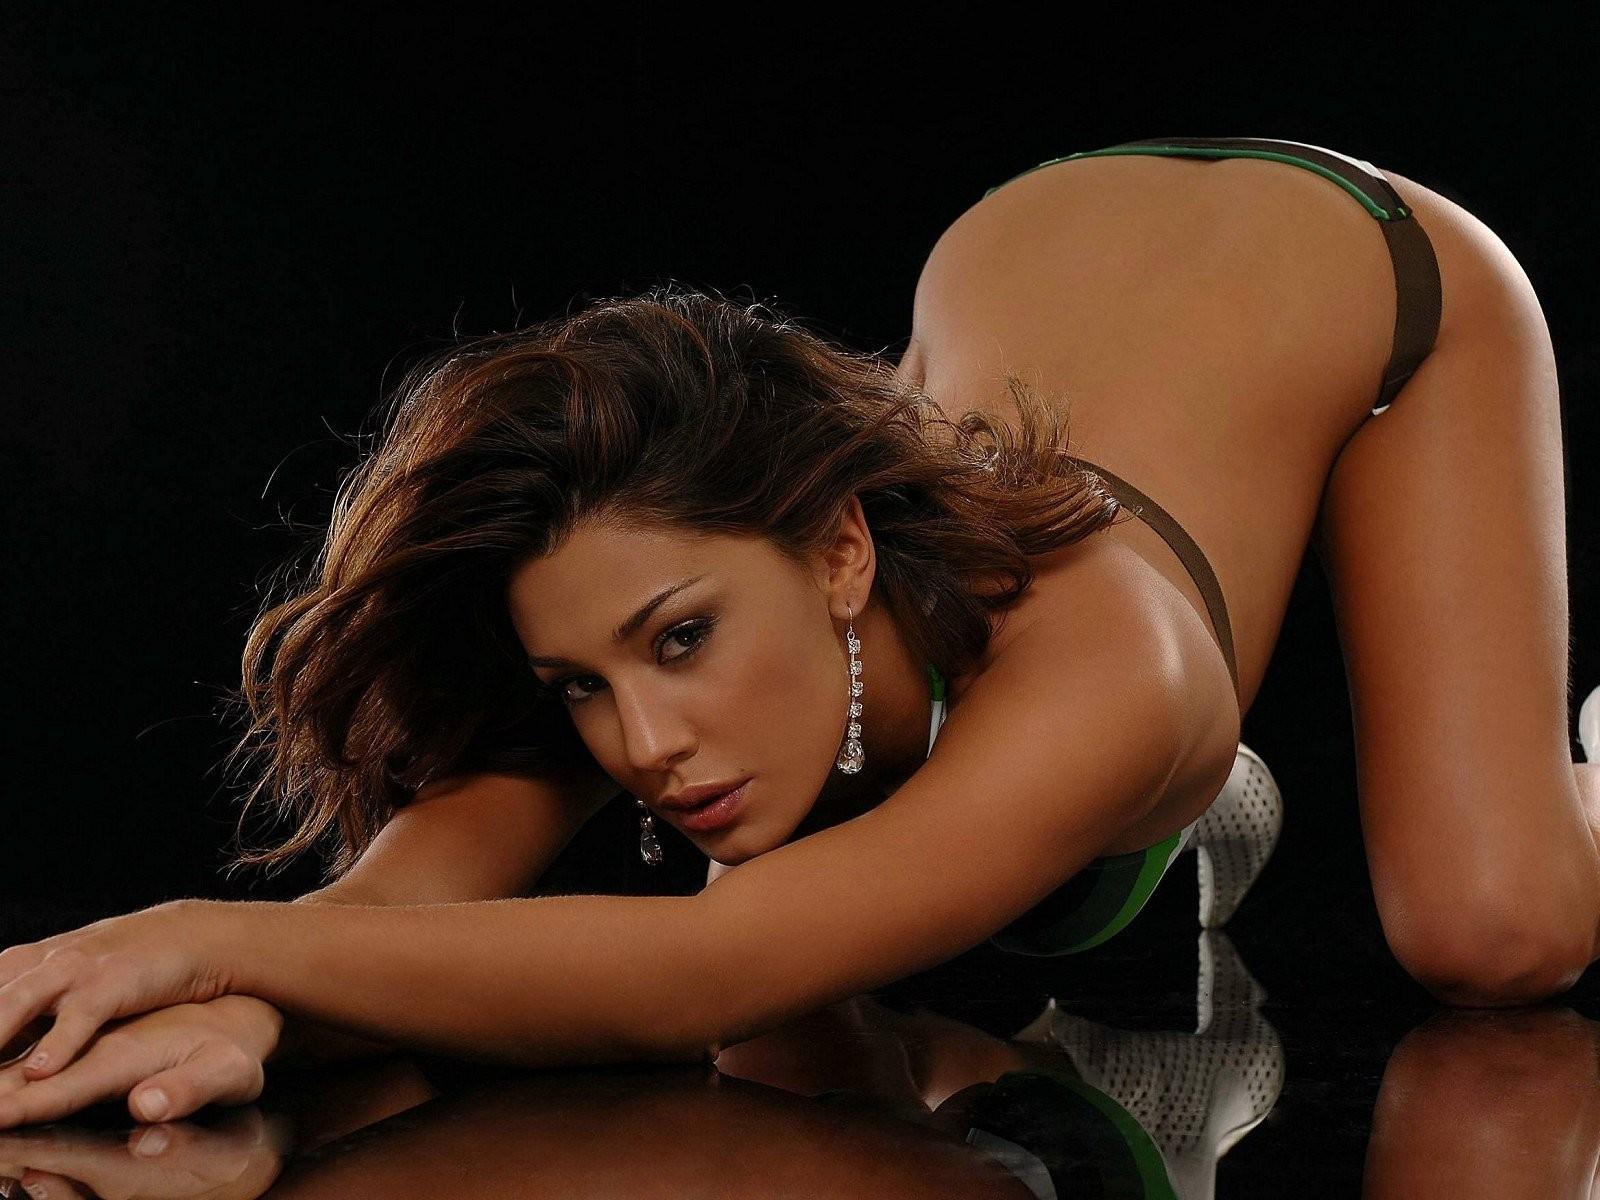 http://2.bp.blogspot.com/-80w5lM4ENL8/TxsBFkPFjwI/AAAAAAAAE7Q/zQC-9K1A9oc/s1600/Belen_Rodriguez_1600x1200_Wallpaper.jpg